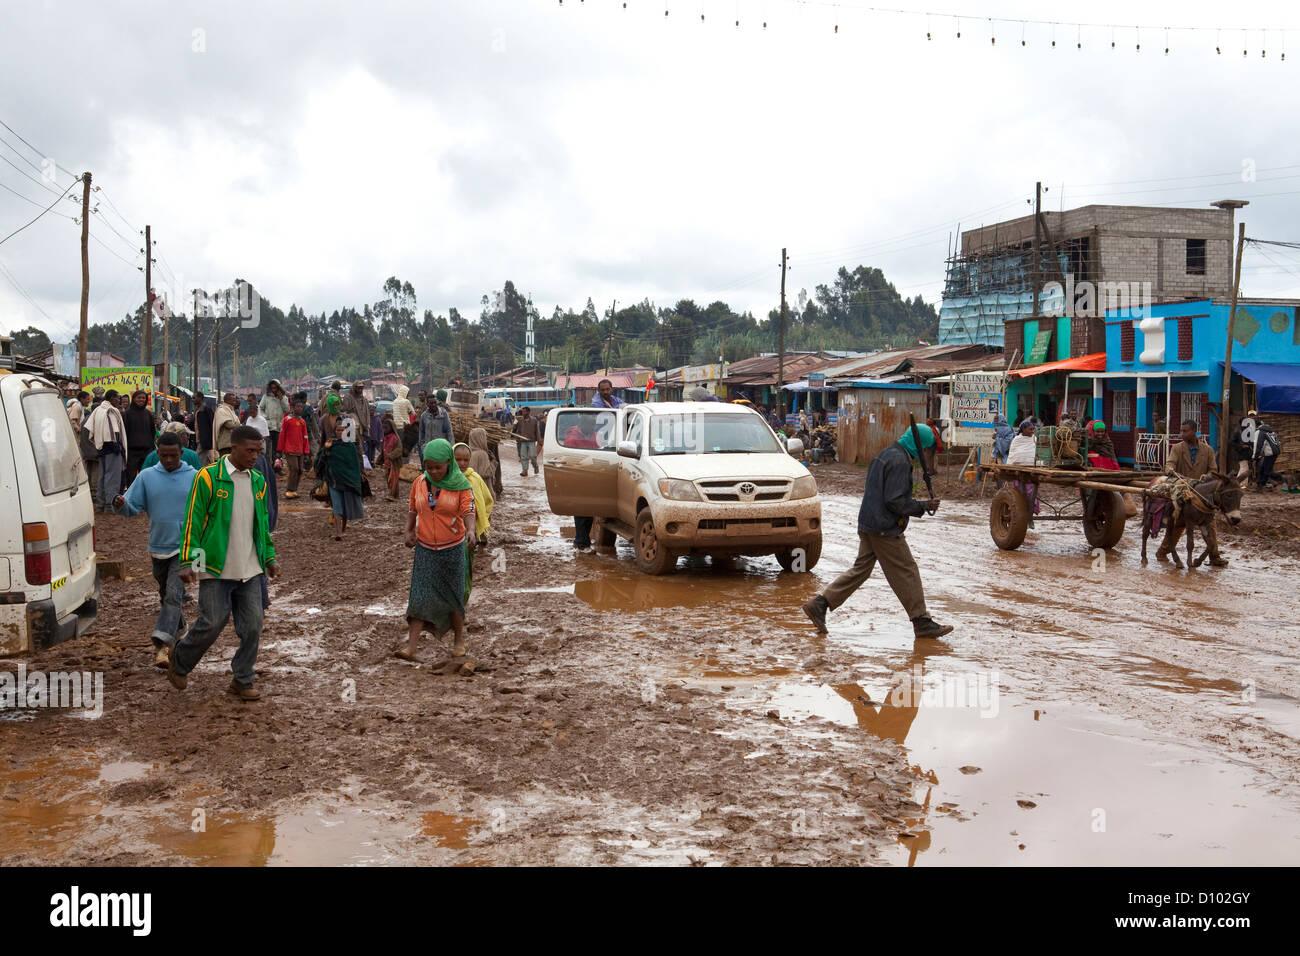 Rainy season in the town of Bore, Oromia Region, Ethiopia - Stock Image